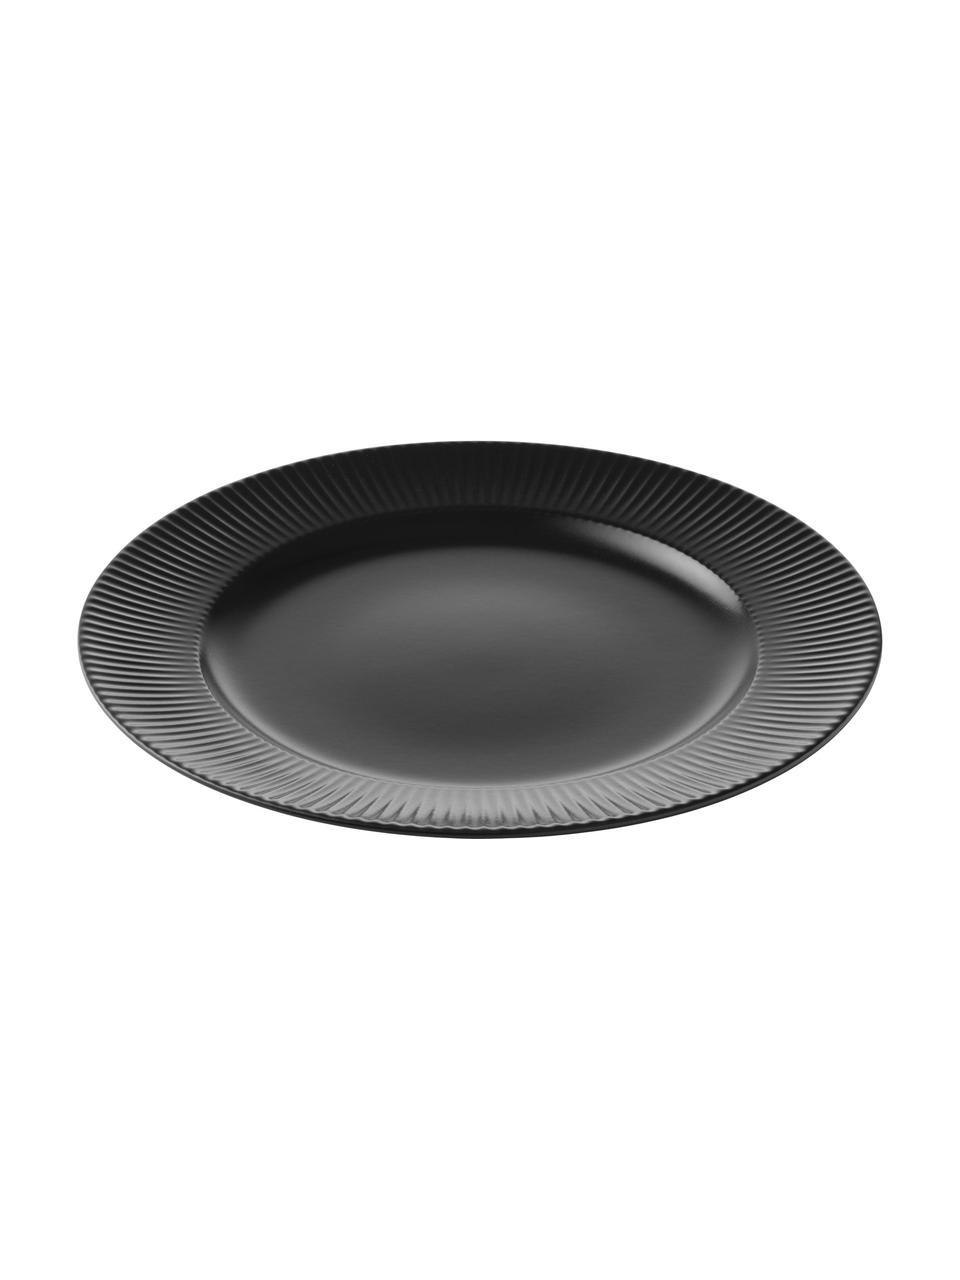 Talerz duży Groove, 4 szt., Kamionka, Czarny, Ø 27 x W 1 cm